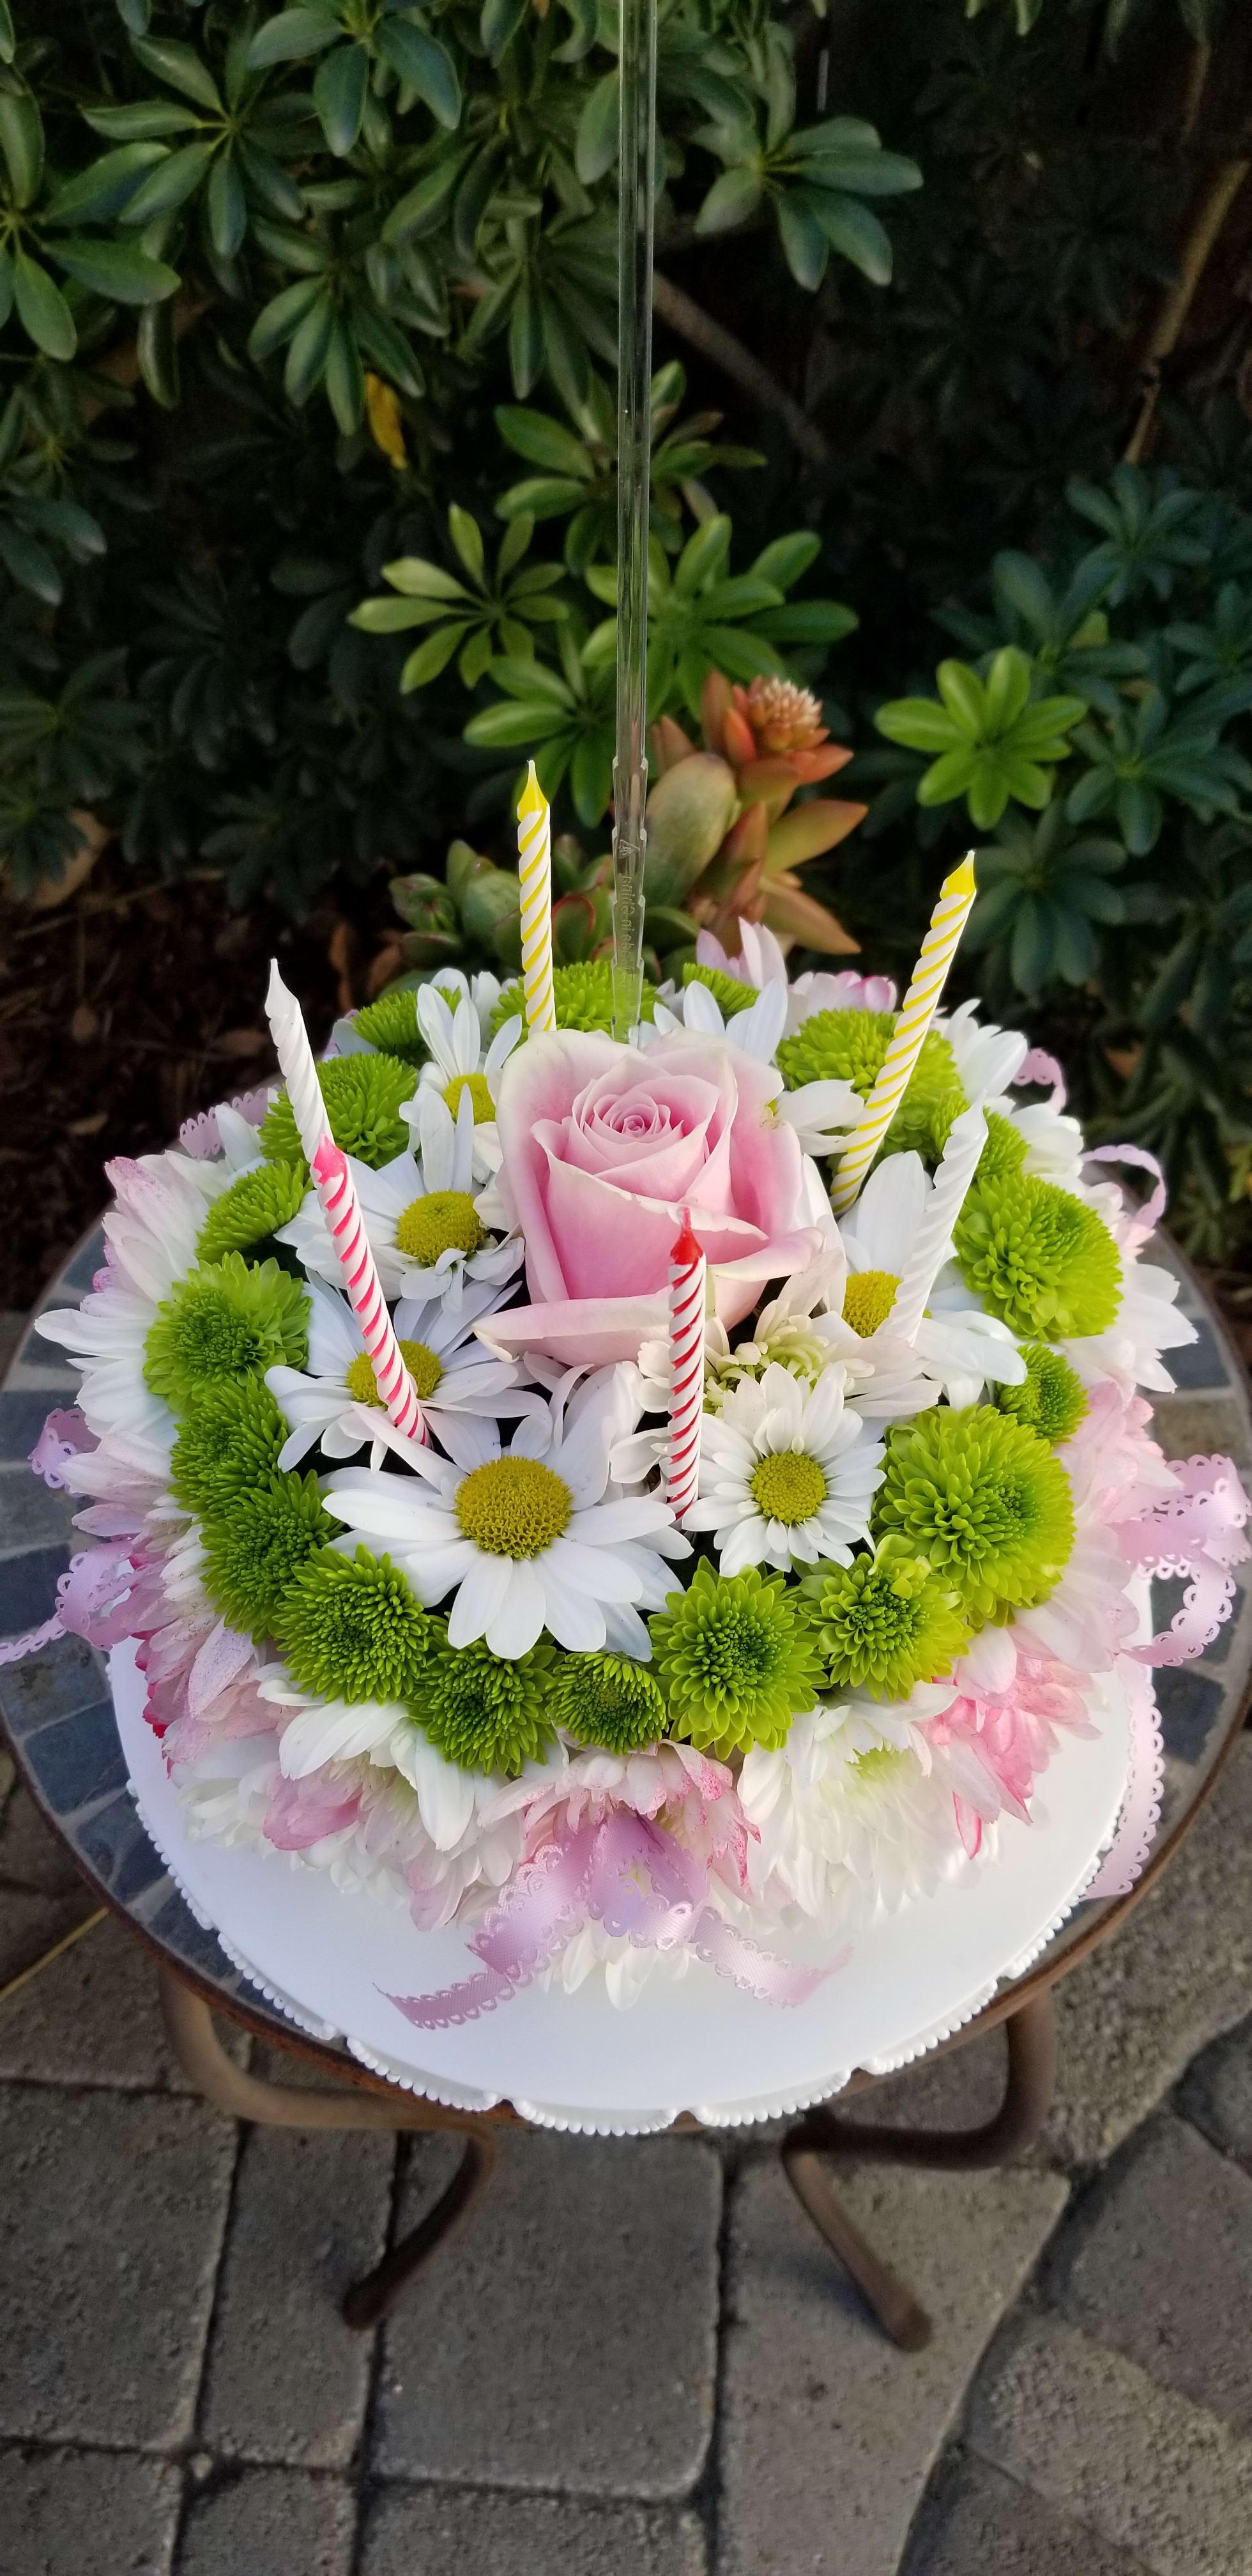 Flower Cake In Cerritos CA